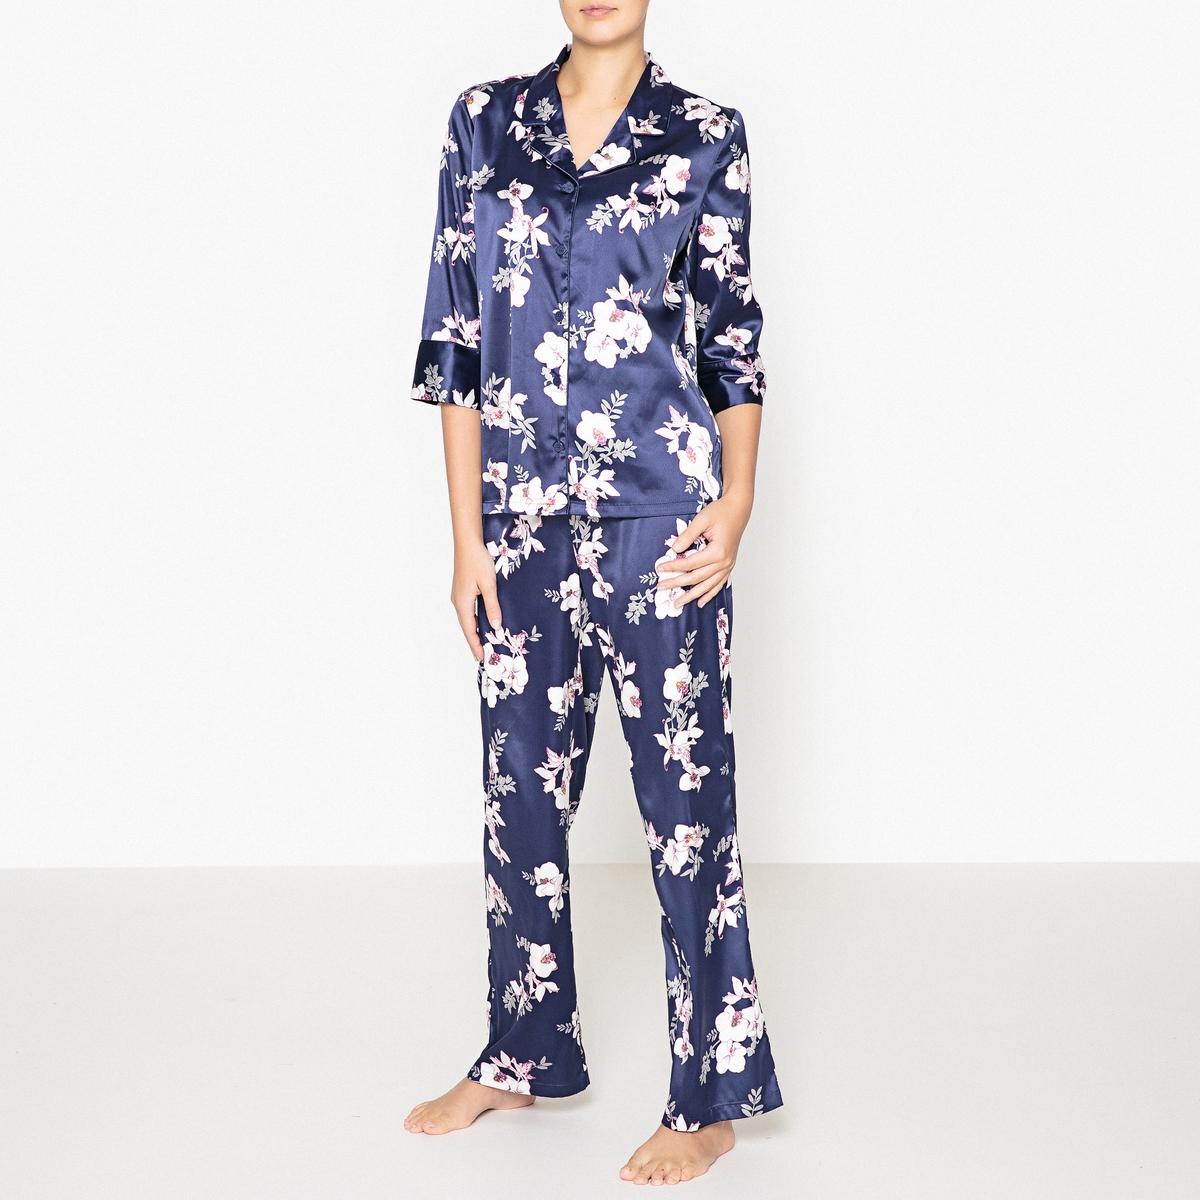 Пижама в винтажном стилеПижама в винтажном стиле с цветочным рисунком, Louise Marnay.Пижама из 2 предметов прямого покроя из  сатина с цветочным рисунком в винтажном стиле. Верх: рукава 3/4. Брюки с эластичным поясом на завязках. Состав и описание : Материал : 96% полиэстера, 4% эластанаДлина :Верх : 65 смПо внутр.шву : 76 смМарка : Louise Marnay.Уход:Машинная стирка при 30 °С на деликатном режиме с вещами схожих цветов.Стирать и гладить при низкой температуре с изнаночной стороны.Машинная сушка запрещена.<br><br>Цвет: цветочный рисунок<br>Размер: 46 (FR) - 52 (RUS).42 (FR) - 48 (RUS).40 (FR) - 46 (RUS).38 (FR) - 44 (RUS).48 (FR) - 54 (RUS).36 (FR) - 42 (RUS)